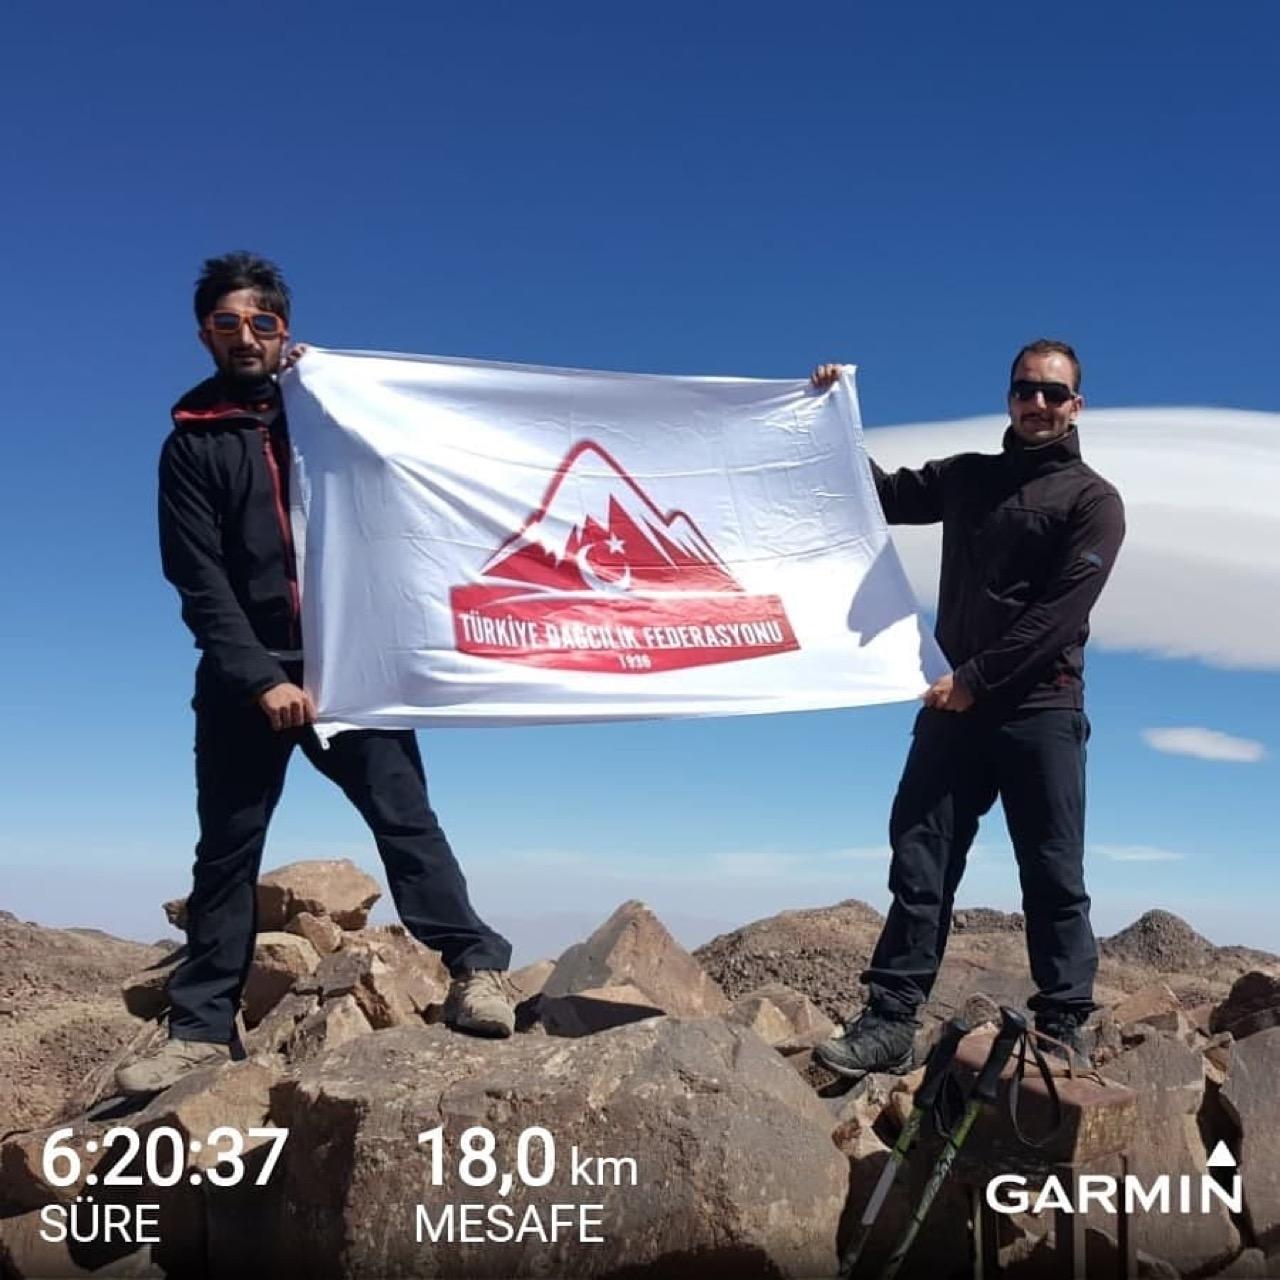 Süphan Dağı'nın ilk sky trail koşusu gerçekleştirildi.